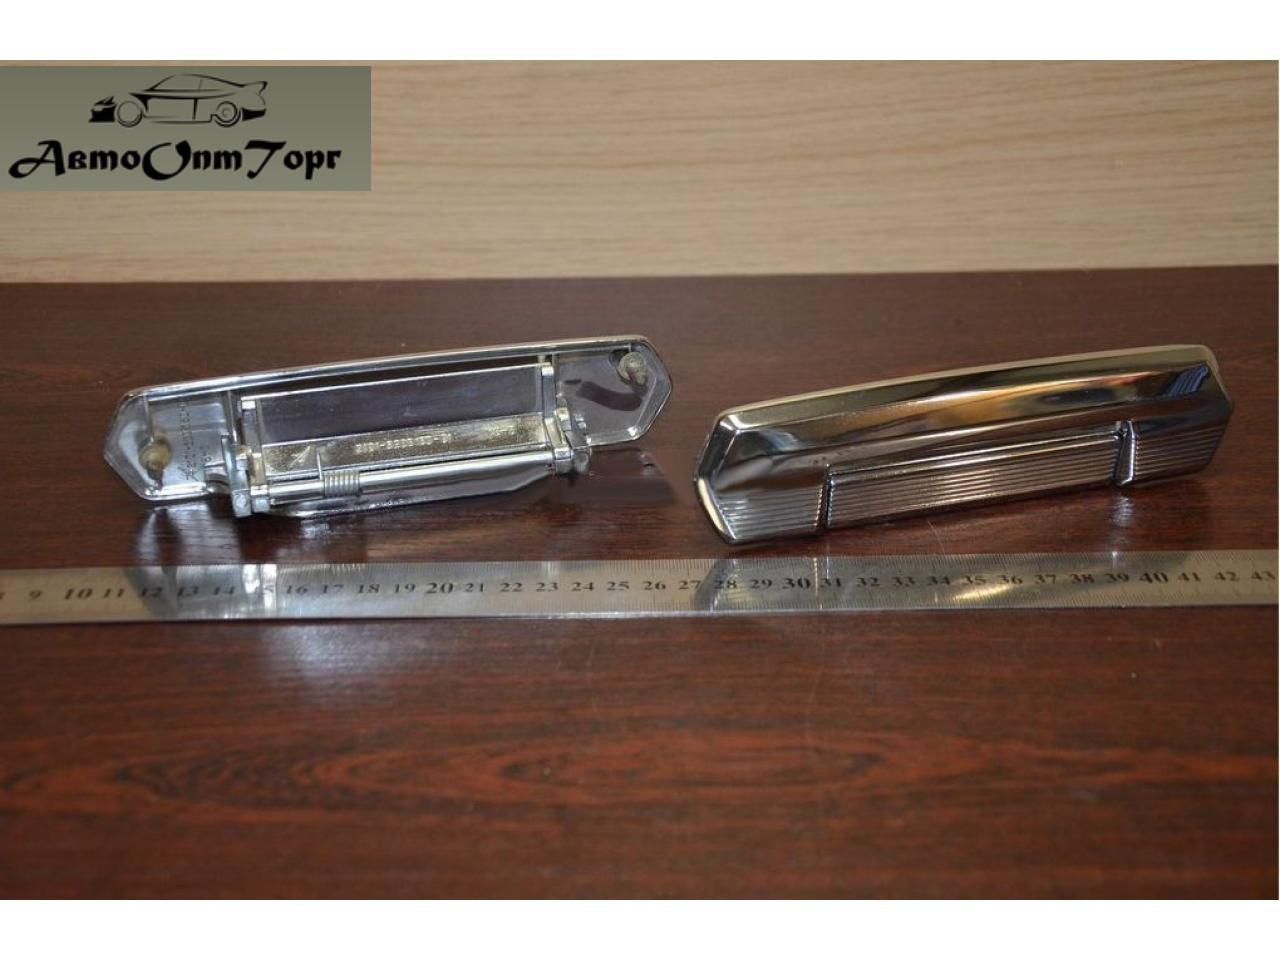 Ручка зовнішня задньої правої двері ВАЗ 2101, 2102, 2103, 2106, 2101-6205152-01,Дааз